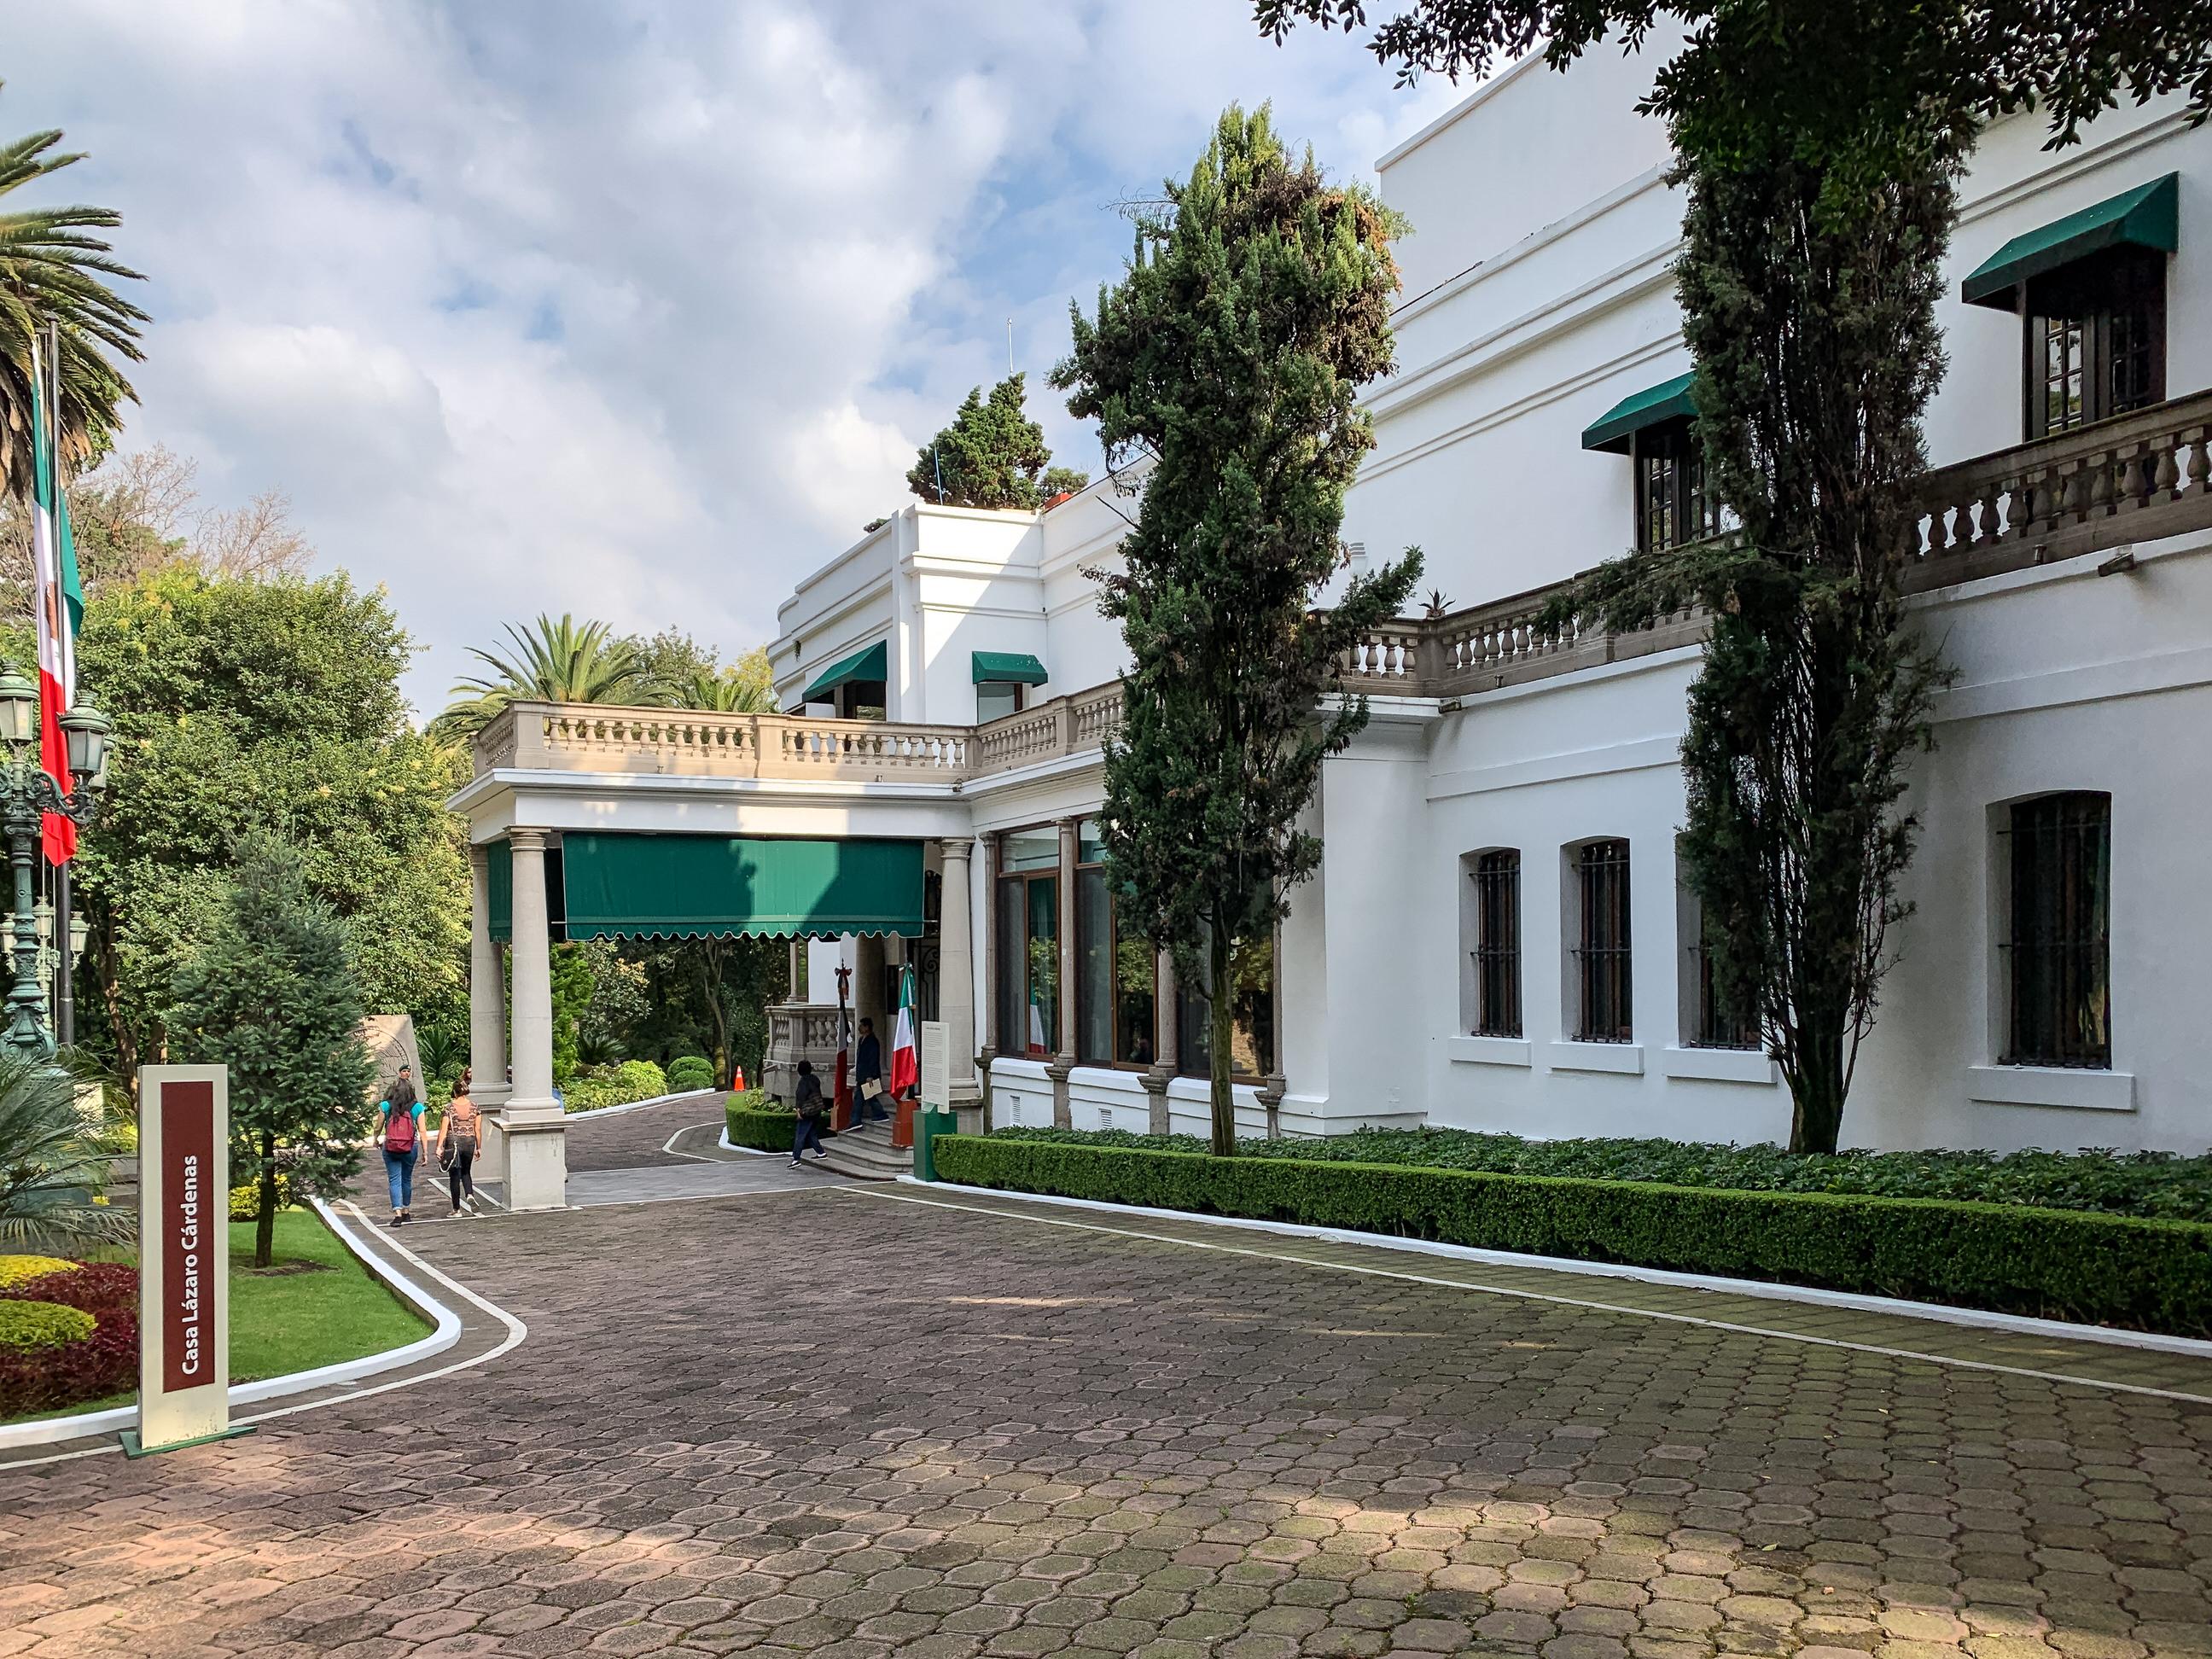 Archivo casa lazaro cardenas los pinos 2018 mexico wikipedia la enciclopedia libre - Casa los pinos ...